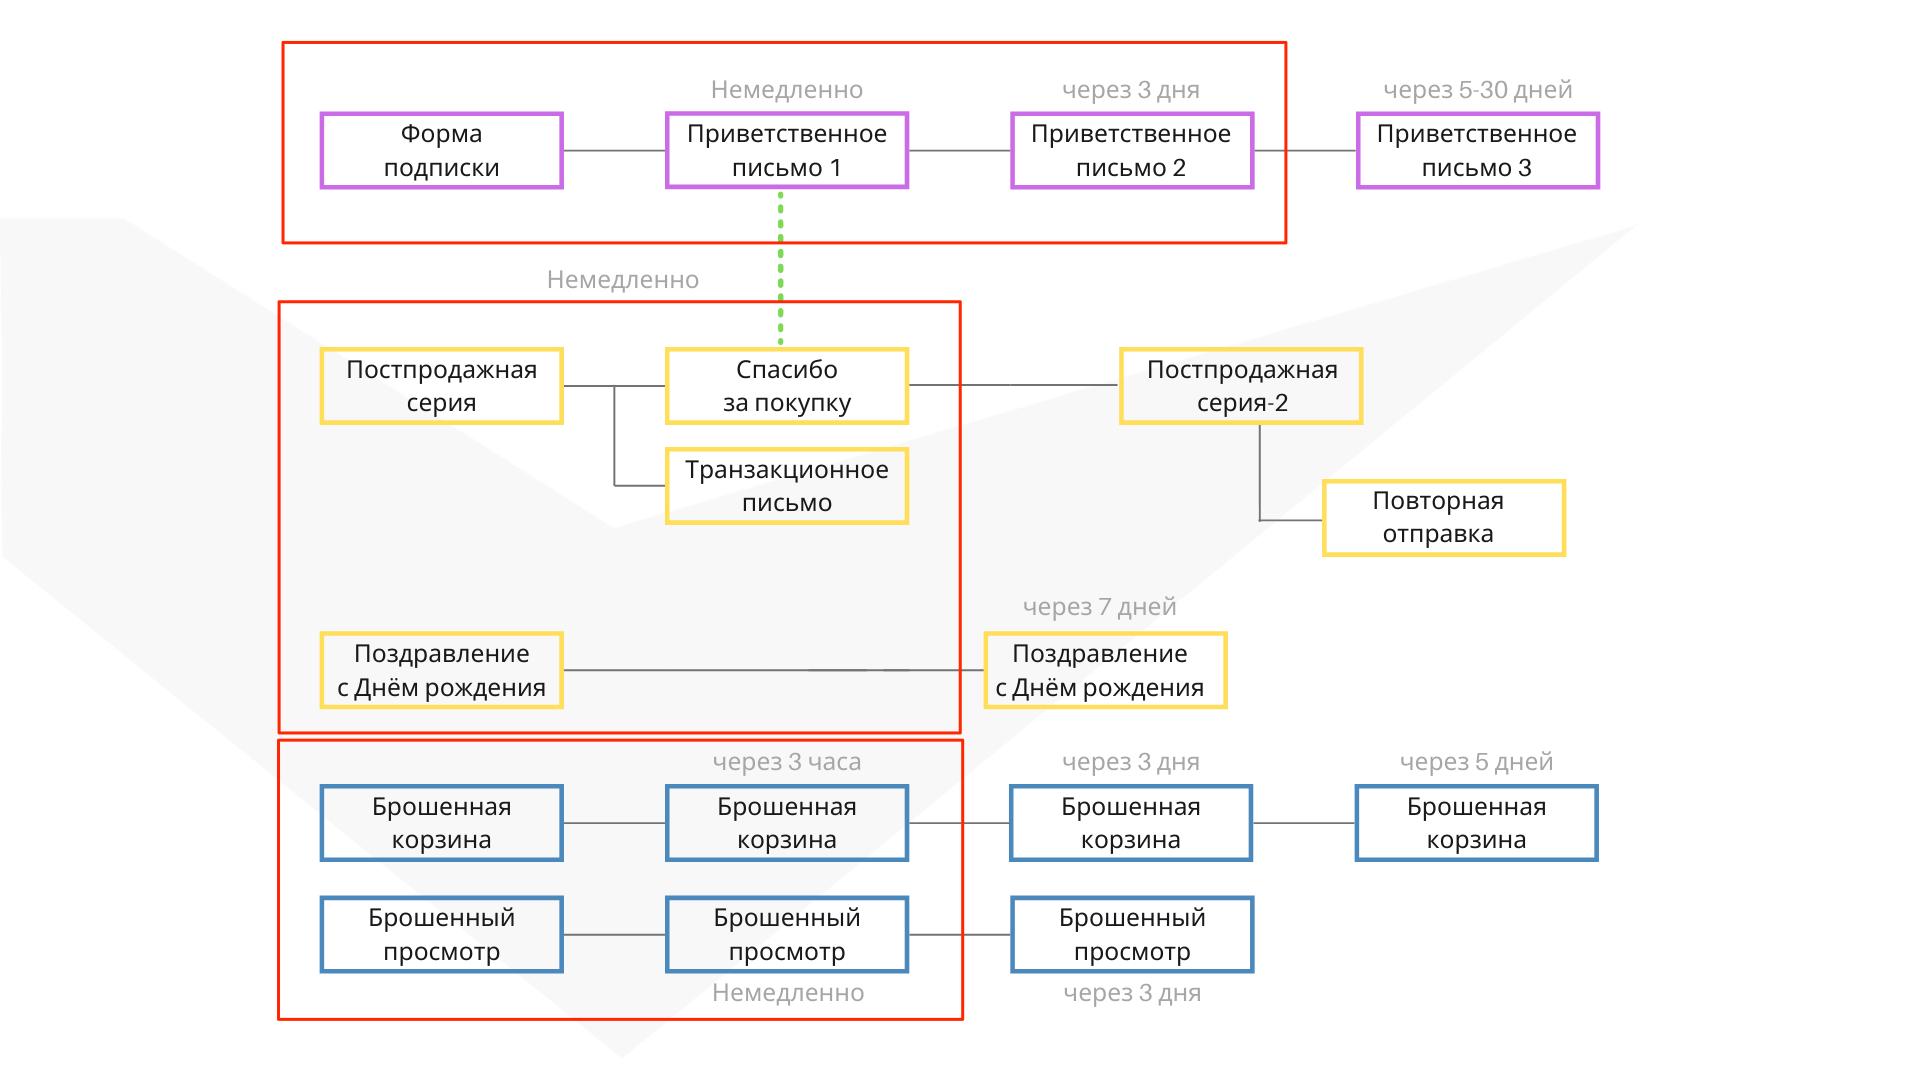 Проработанная схема коммуникации с рассылками которые уже работают у клиента